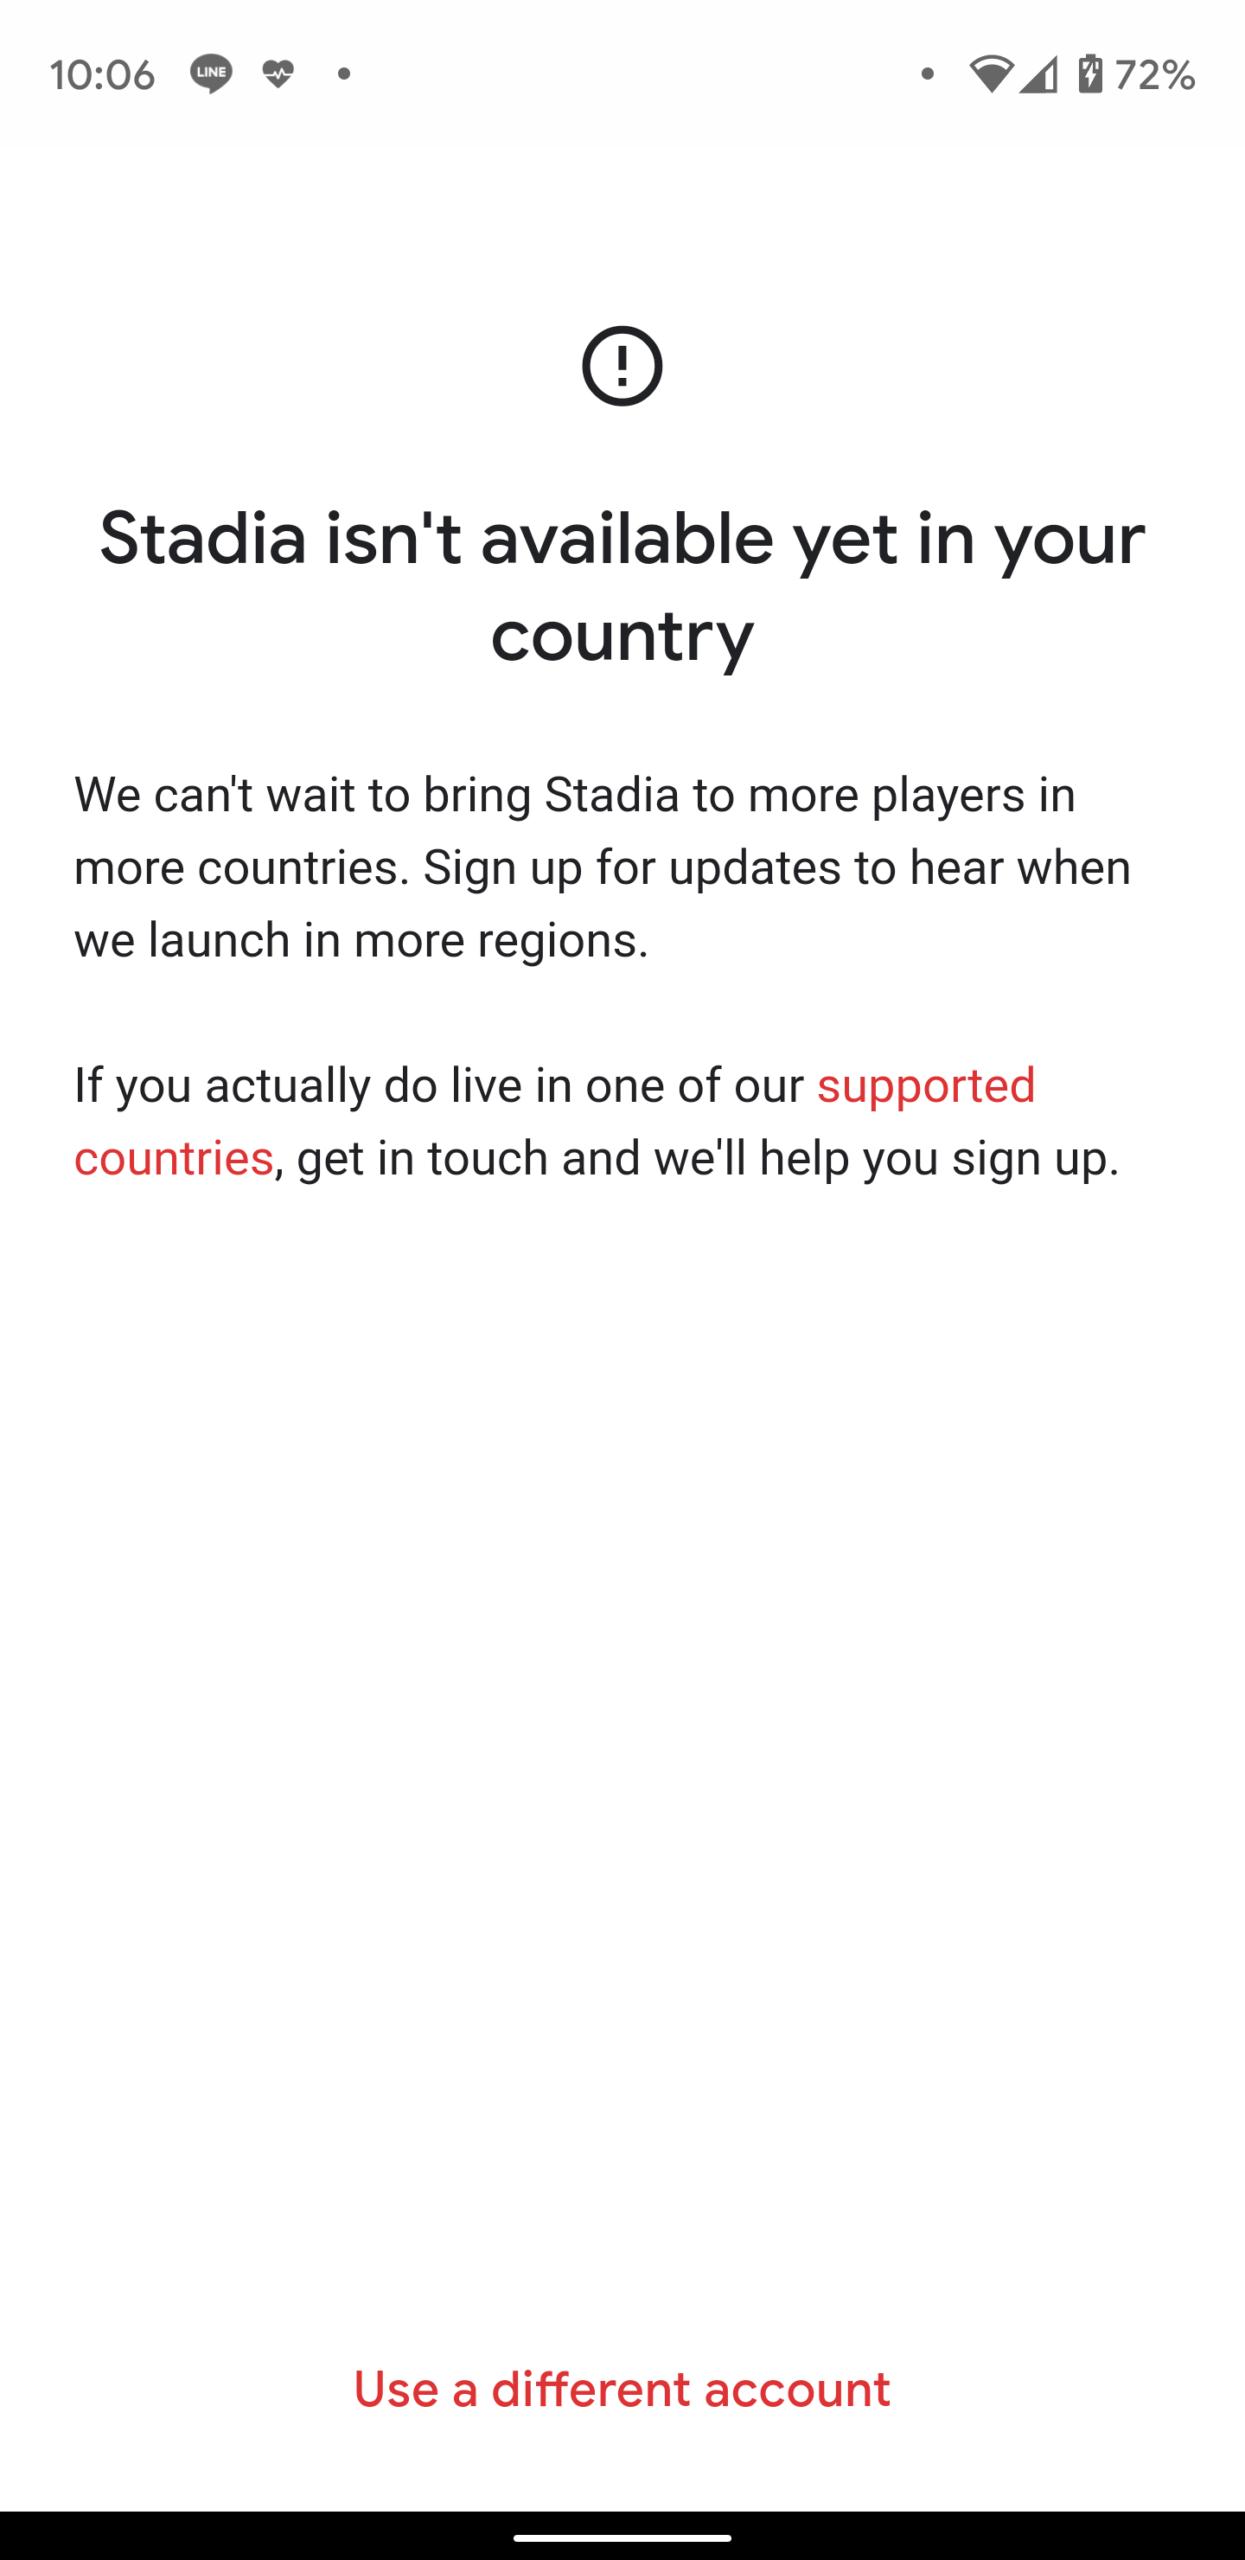 「Stadia」は日本ではまだ未対応